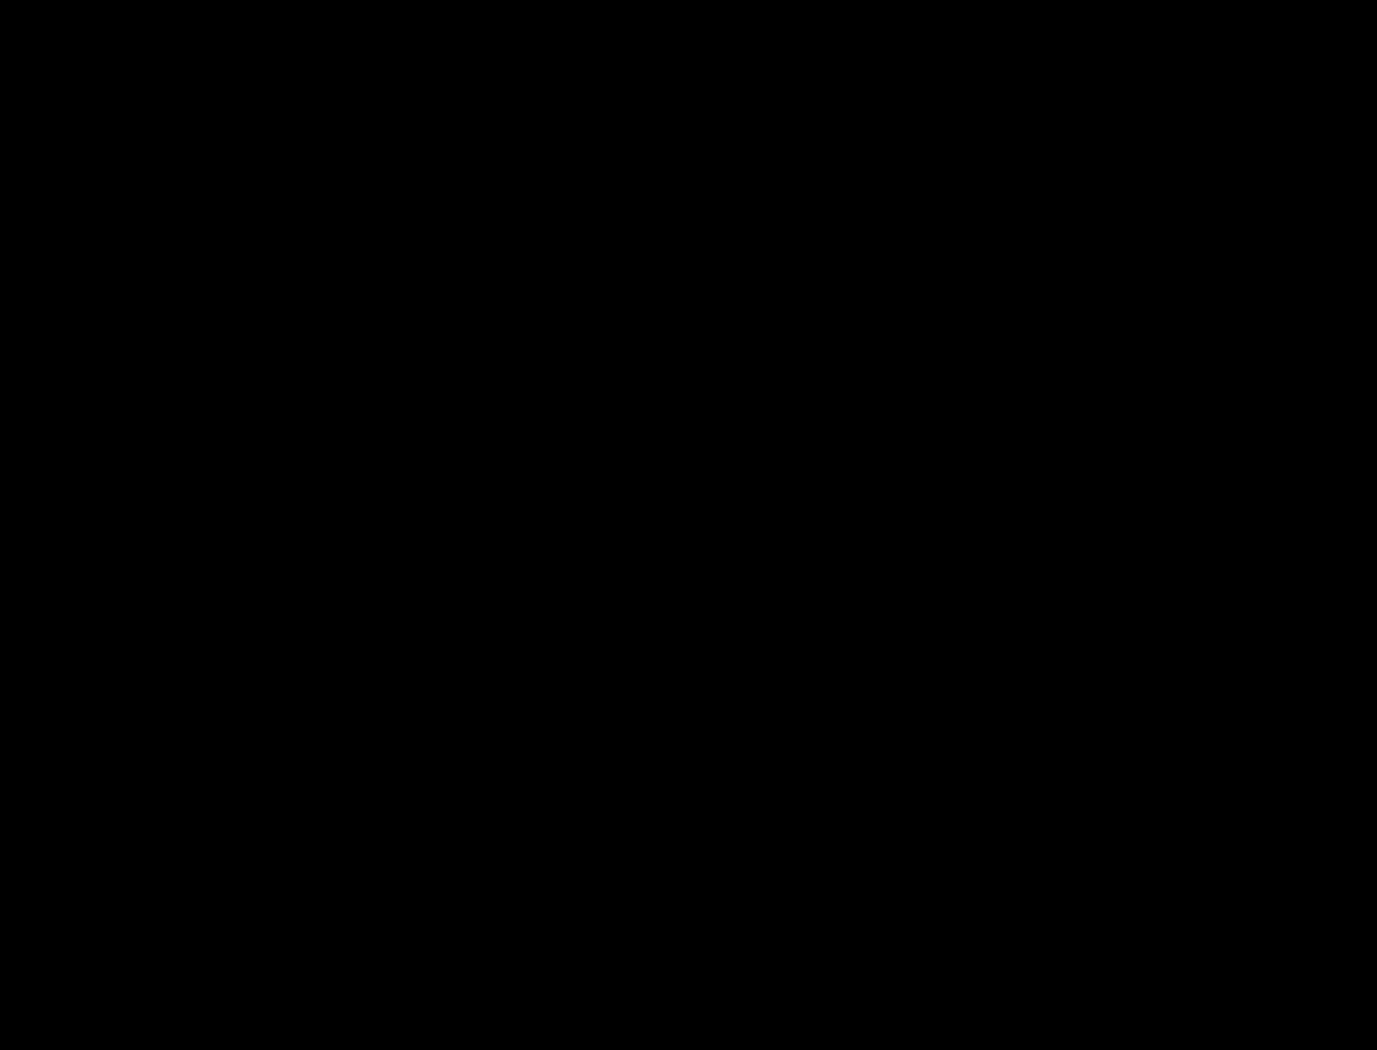 25-Desacetyl Rifampicin-d<sub>3</sub>